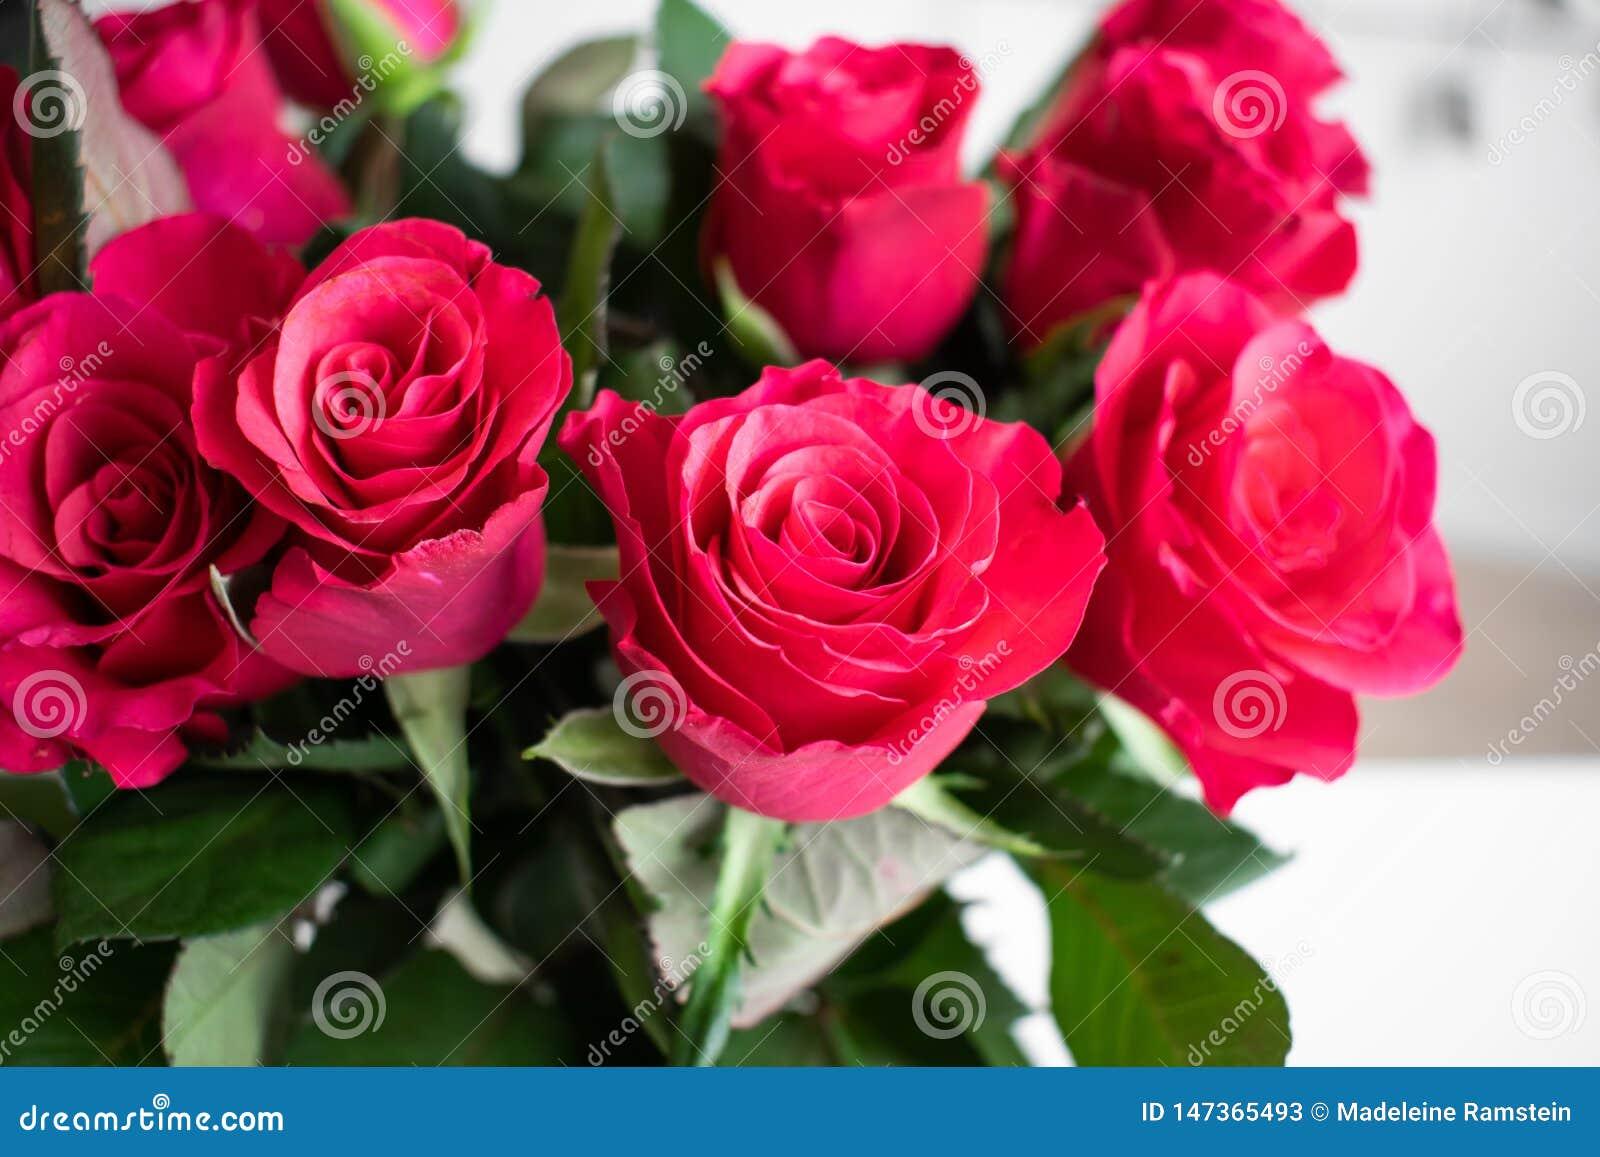 Blumenstrauß der roten Rosen mit einer rosa Note Zuhause mit weißem Hintergrund